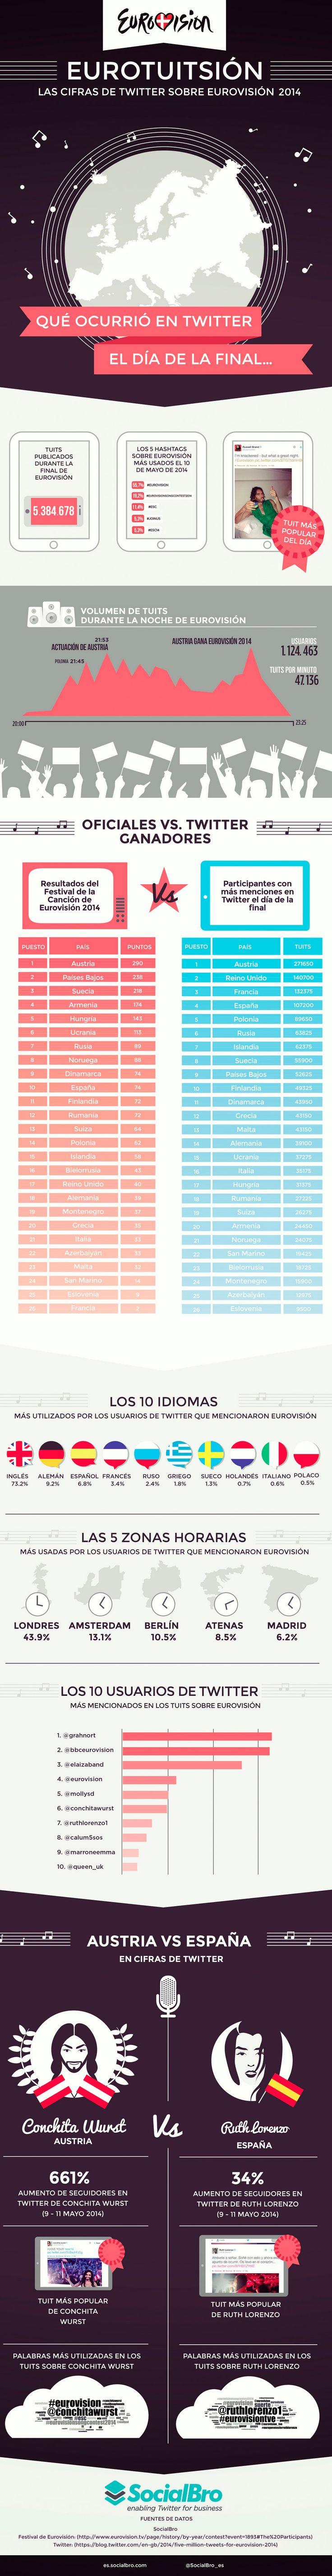 Las cifras de Twitter sobre Eurovisión 2014